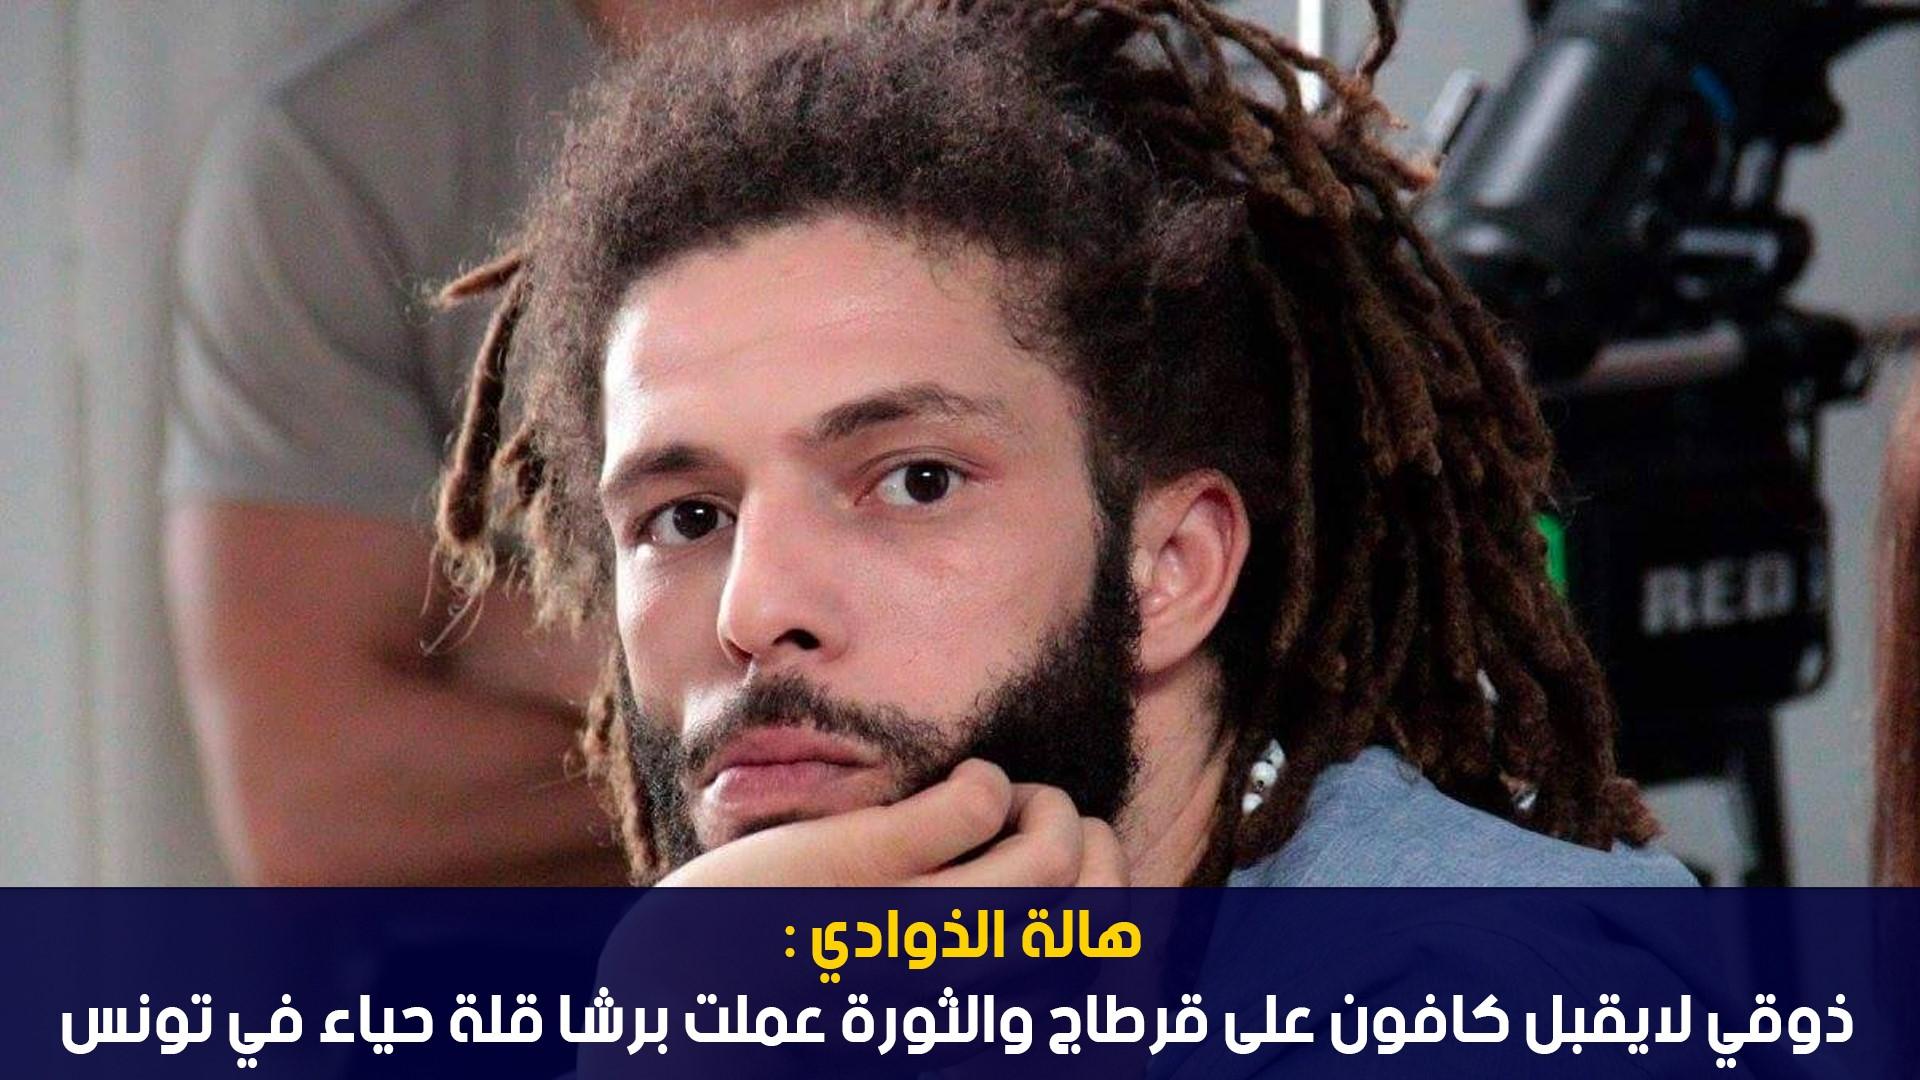 هالة الذوادي: ذوقي لايقبل كافون على قرطاج والثورة عملت برشا قلة حياء في تونس